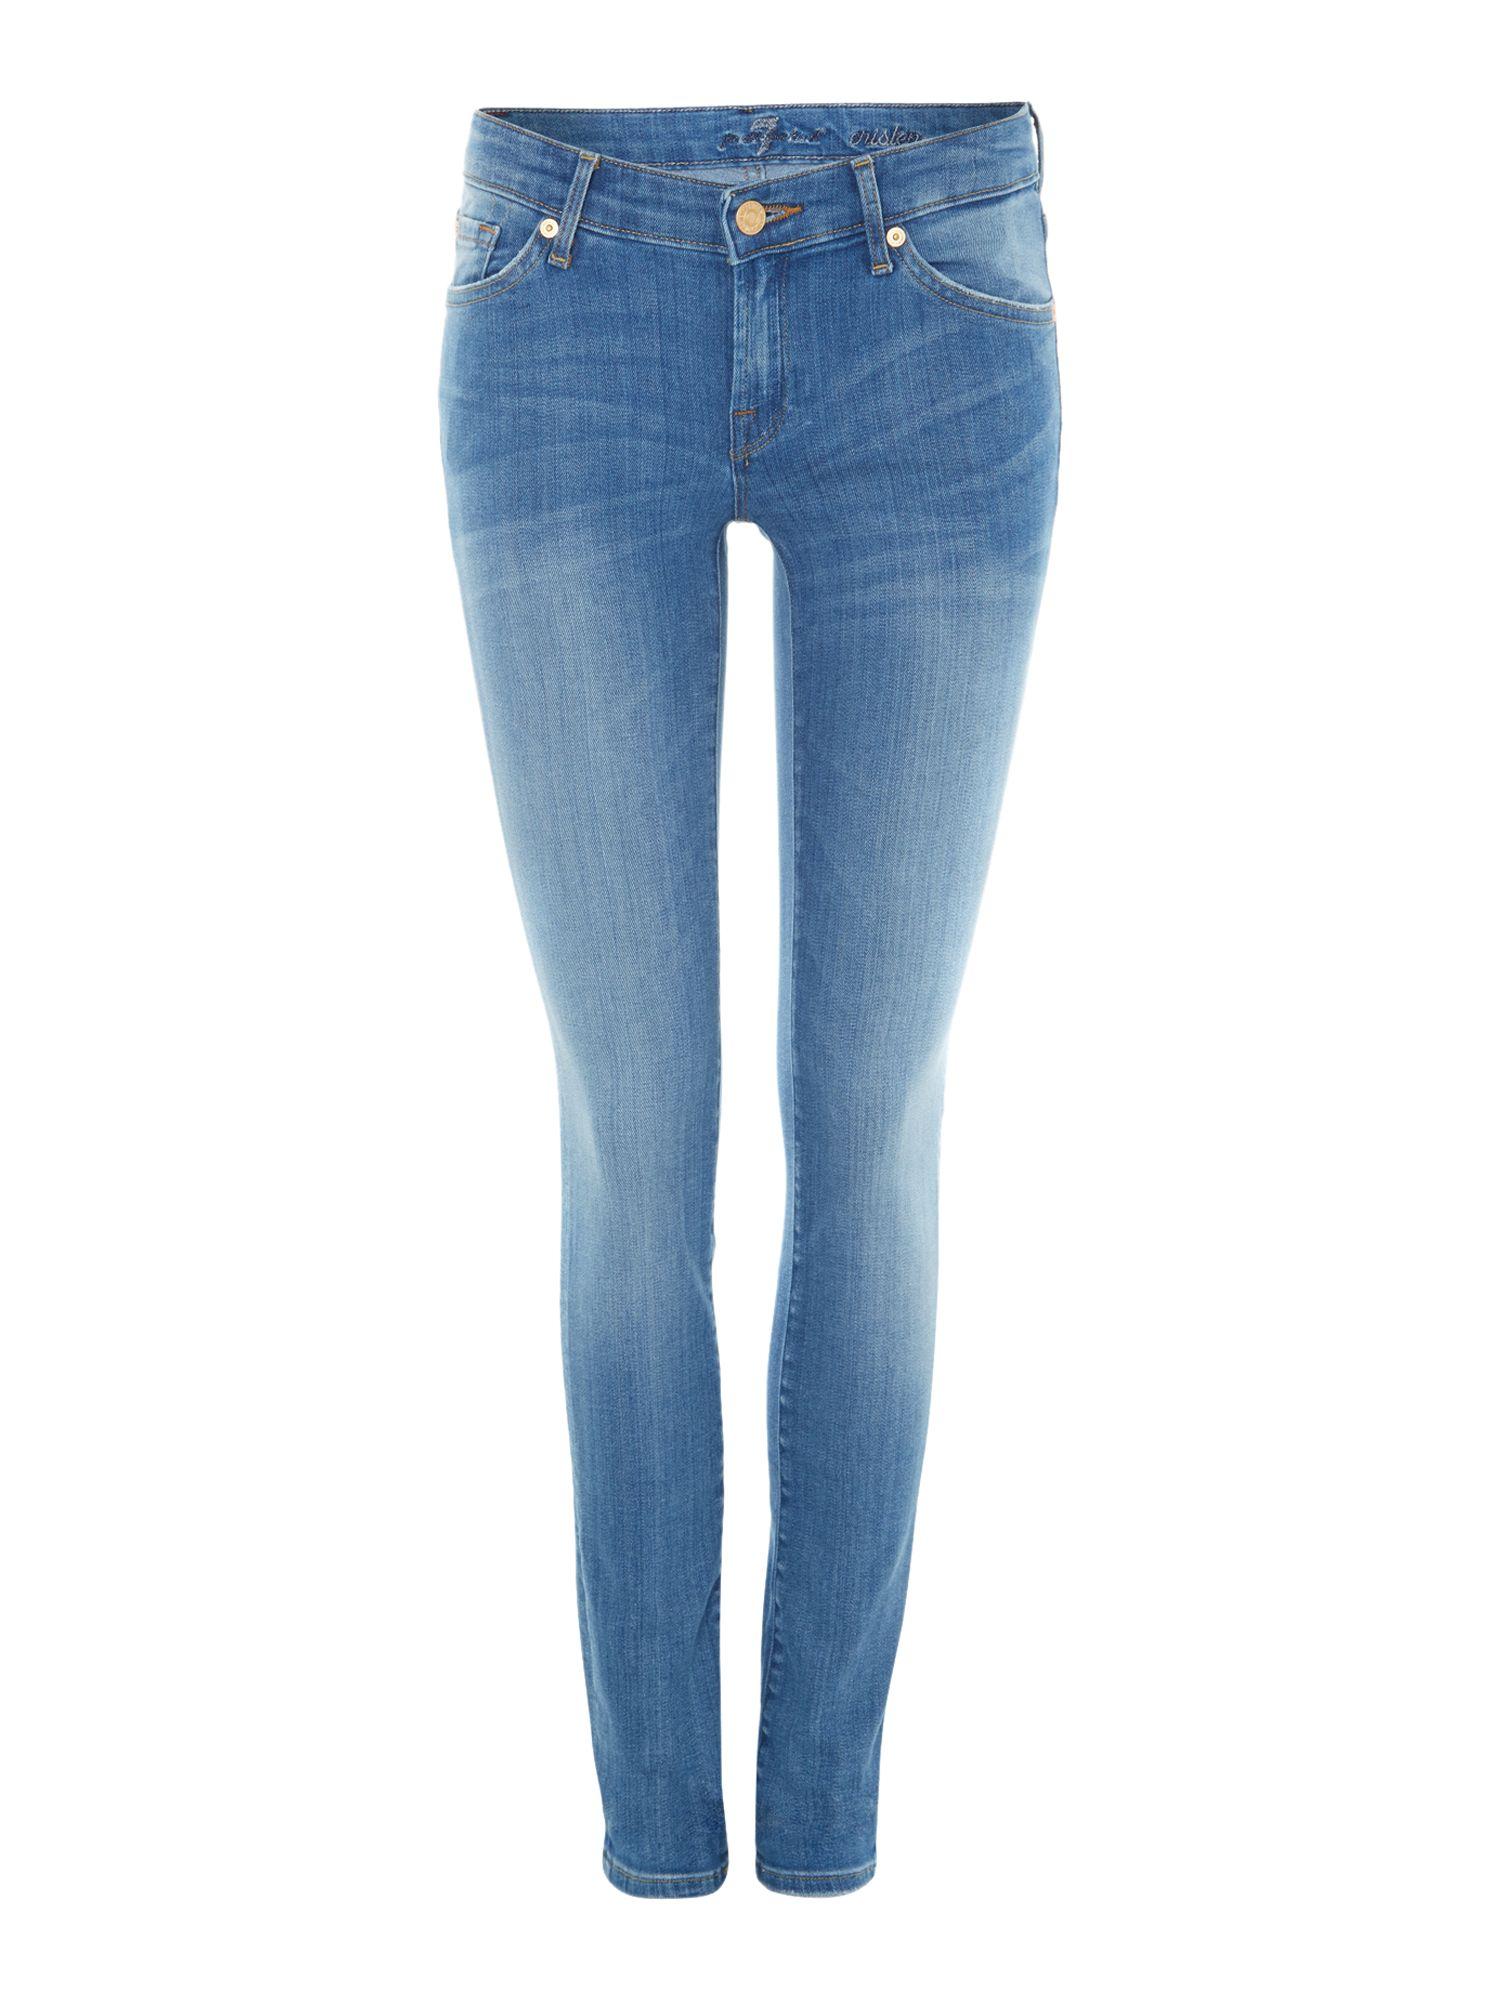 7 for all mankind cristen skinny jeans in indigo summer. Black Bedroom Furniture Sets. Home Design Ideas